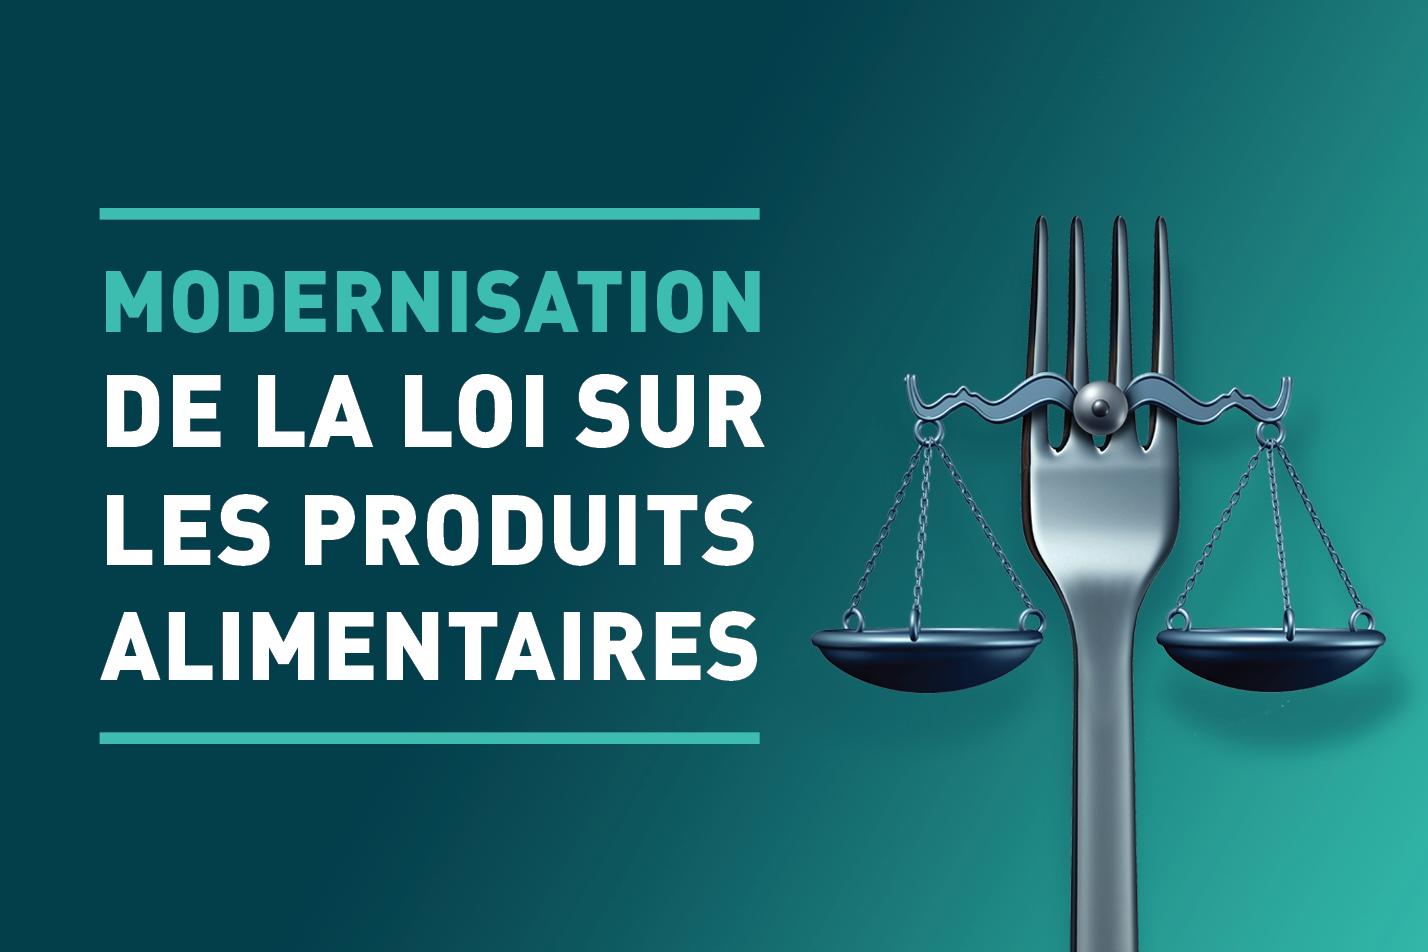 Modernisation de la Loi sur les produits alimentaires